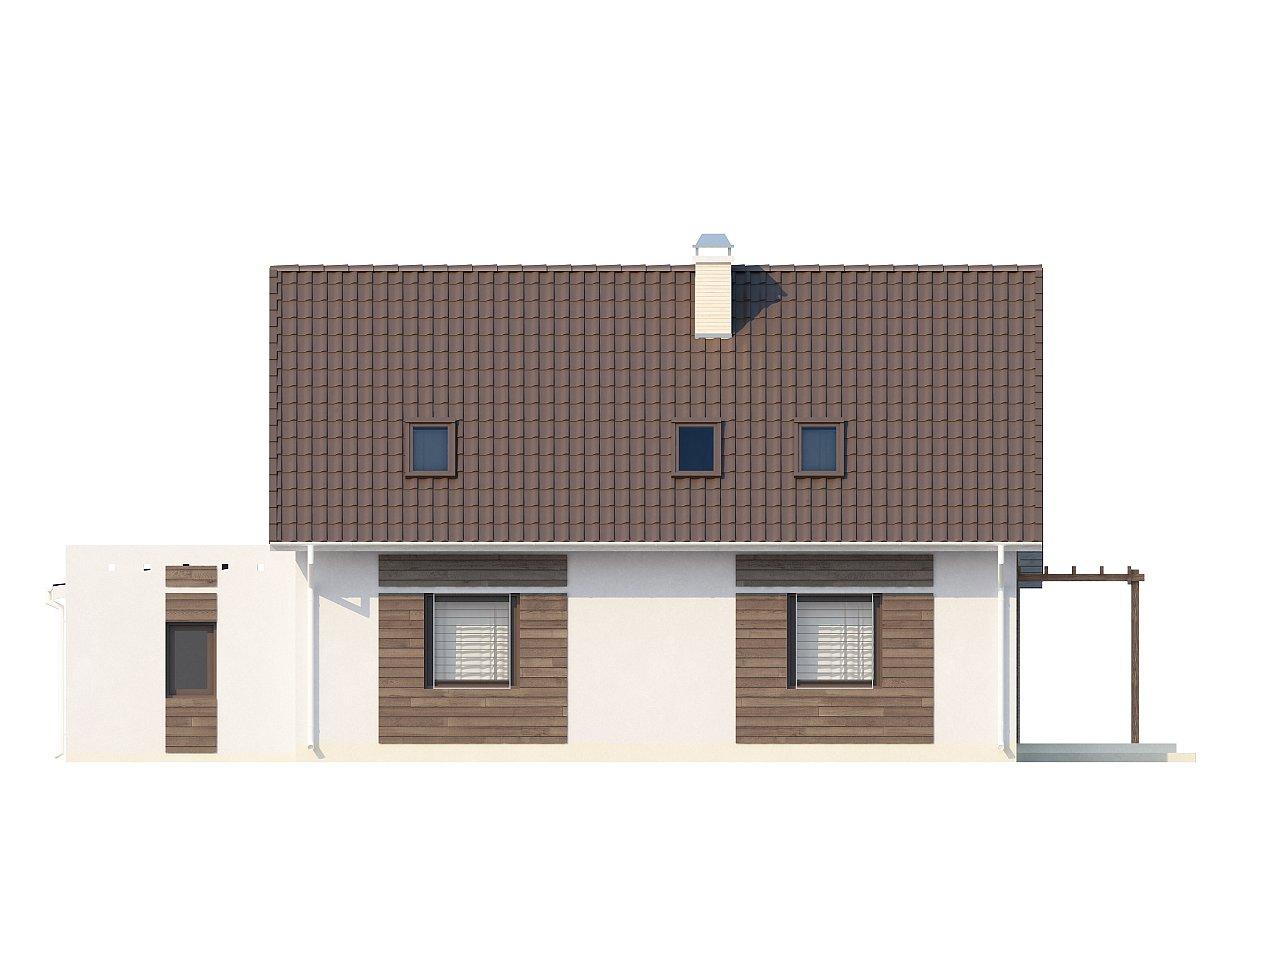 Проект дома с гостиной со стороны входа, боковой террасой и дополнительной спальней на первом этаже. 4